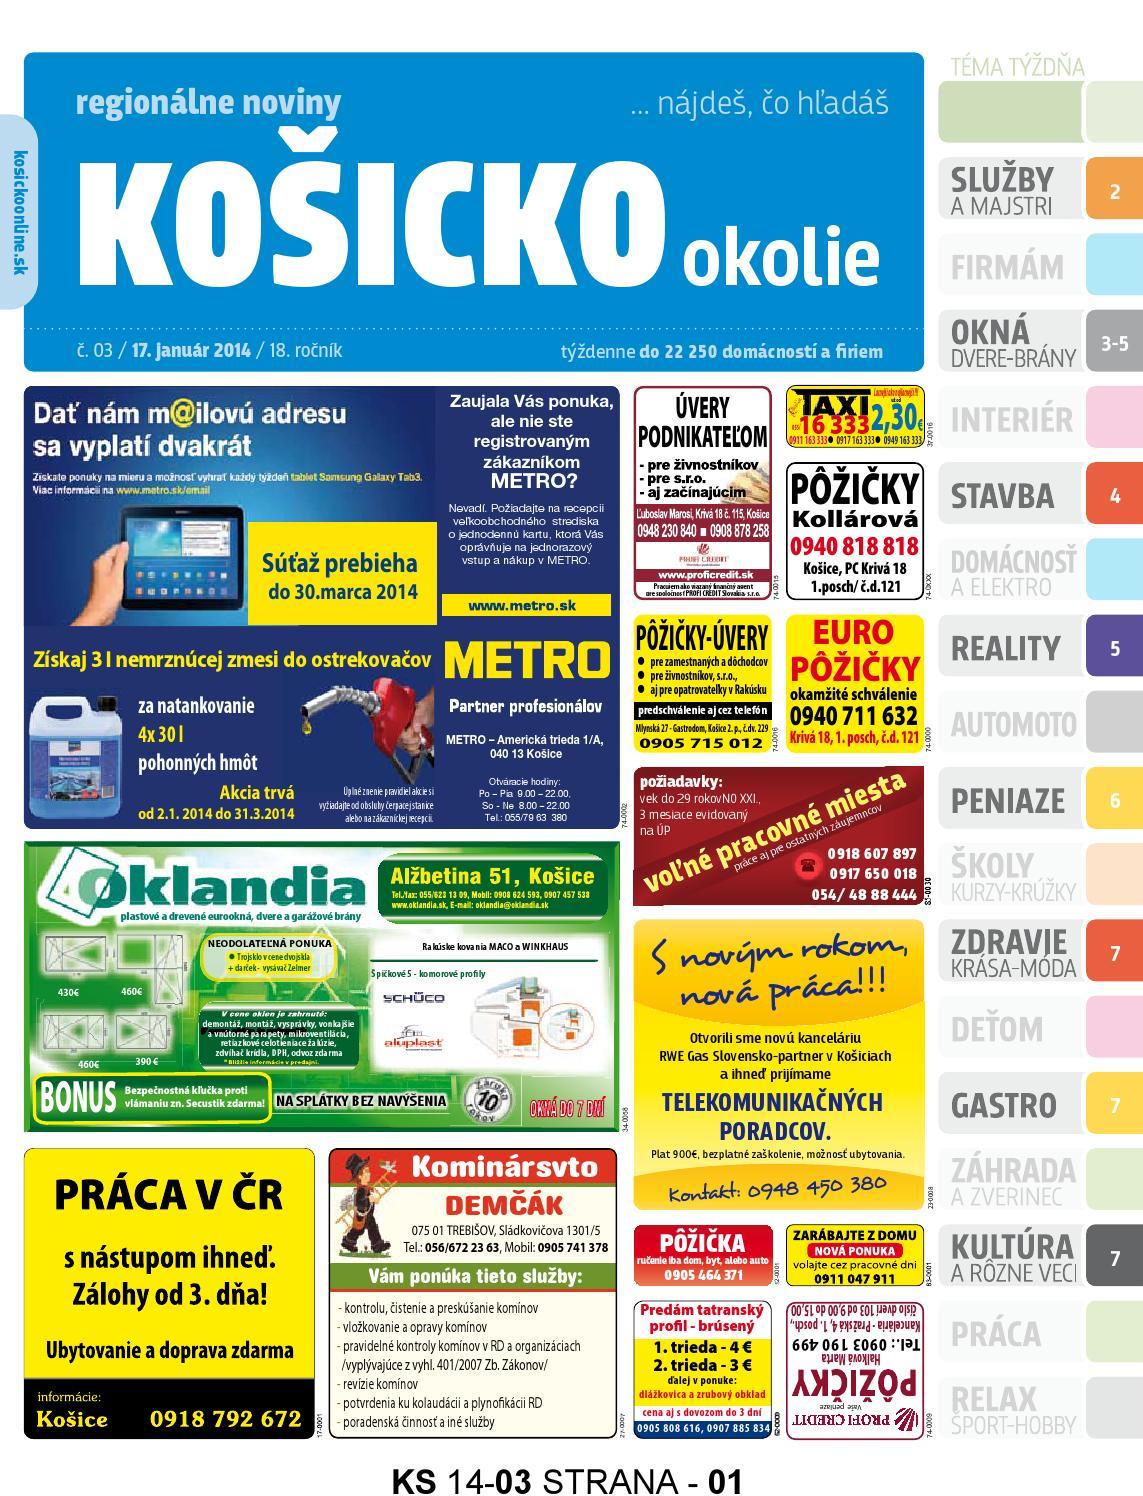 Zoznamka Metro Praha